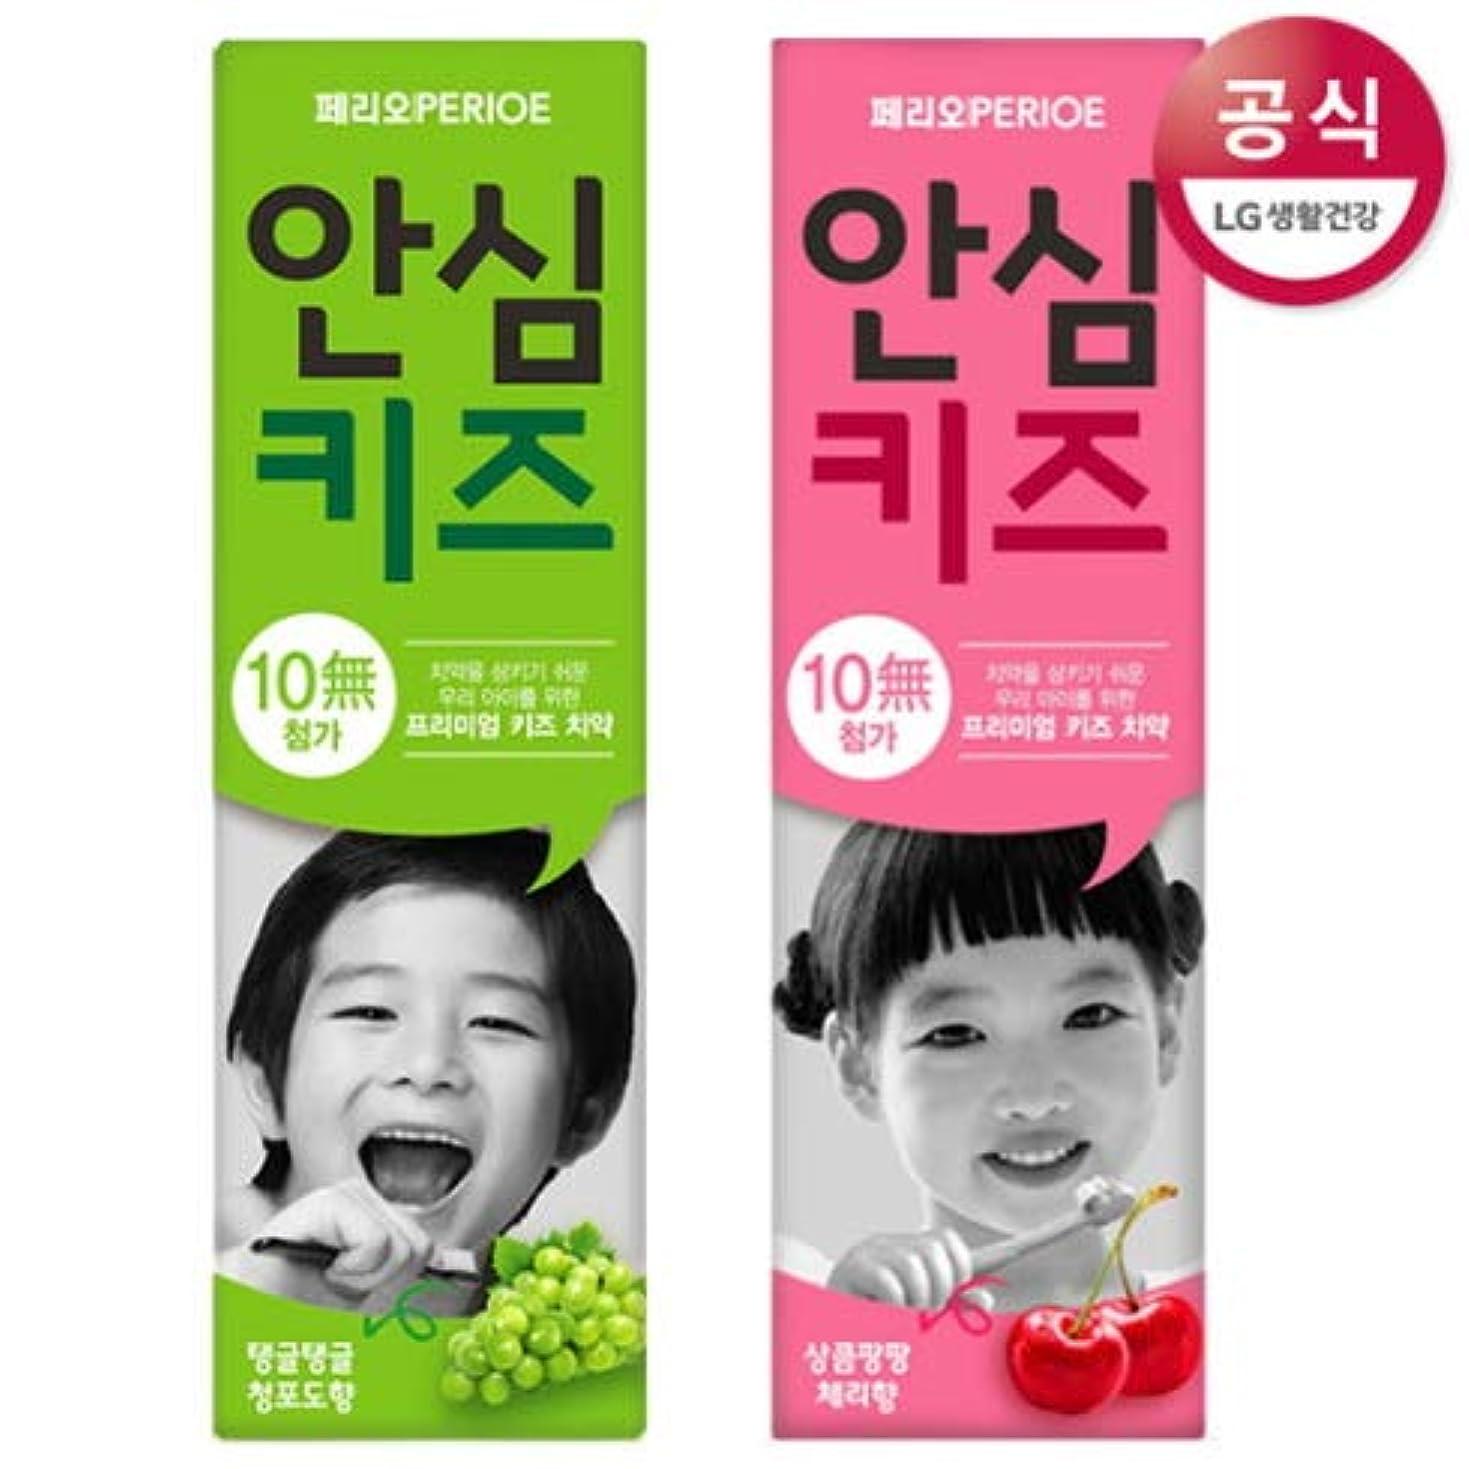 ダイジェストピーク手当[LG HnB] Perio relief kids toothpaste/ペリオ安心キッズ歯磨き粉 80gx2個(海外直送品)